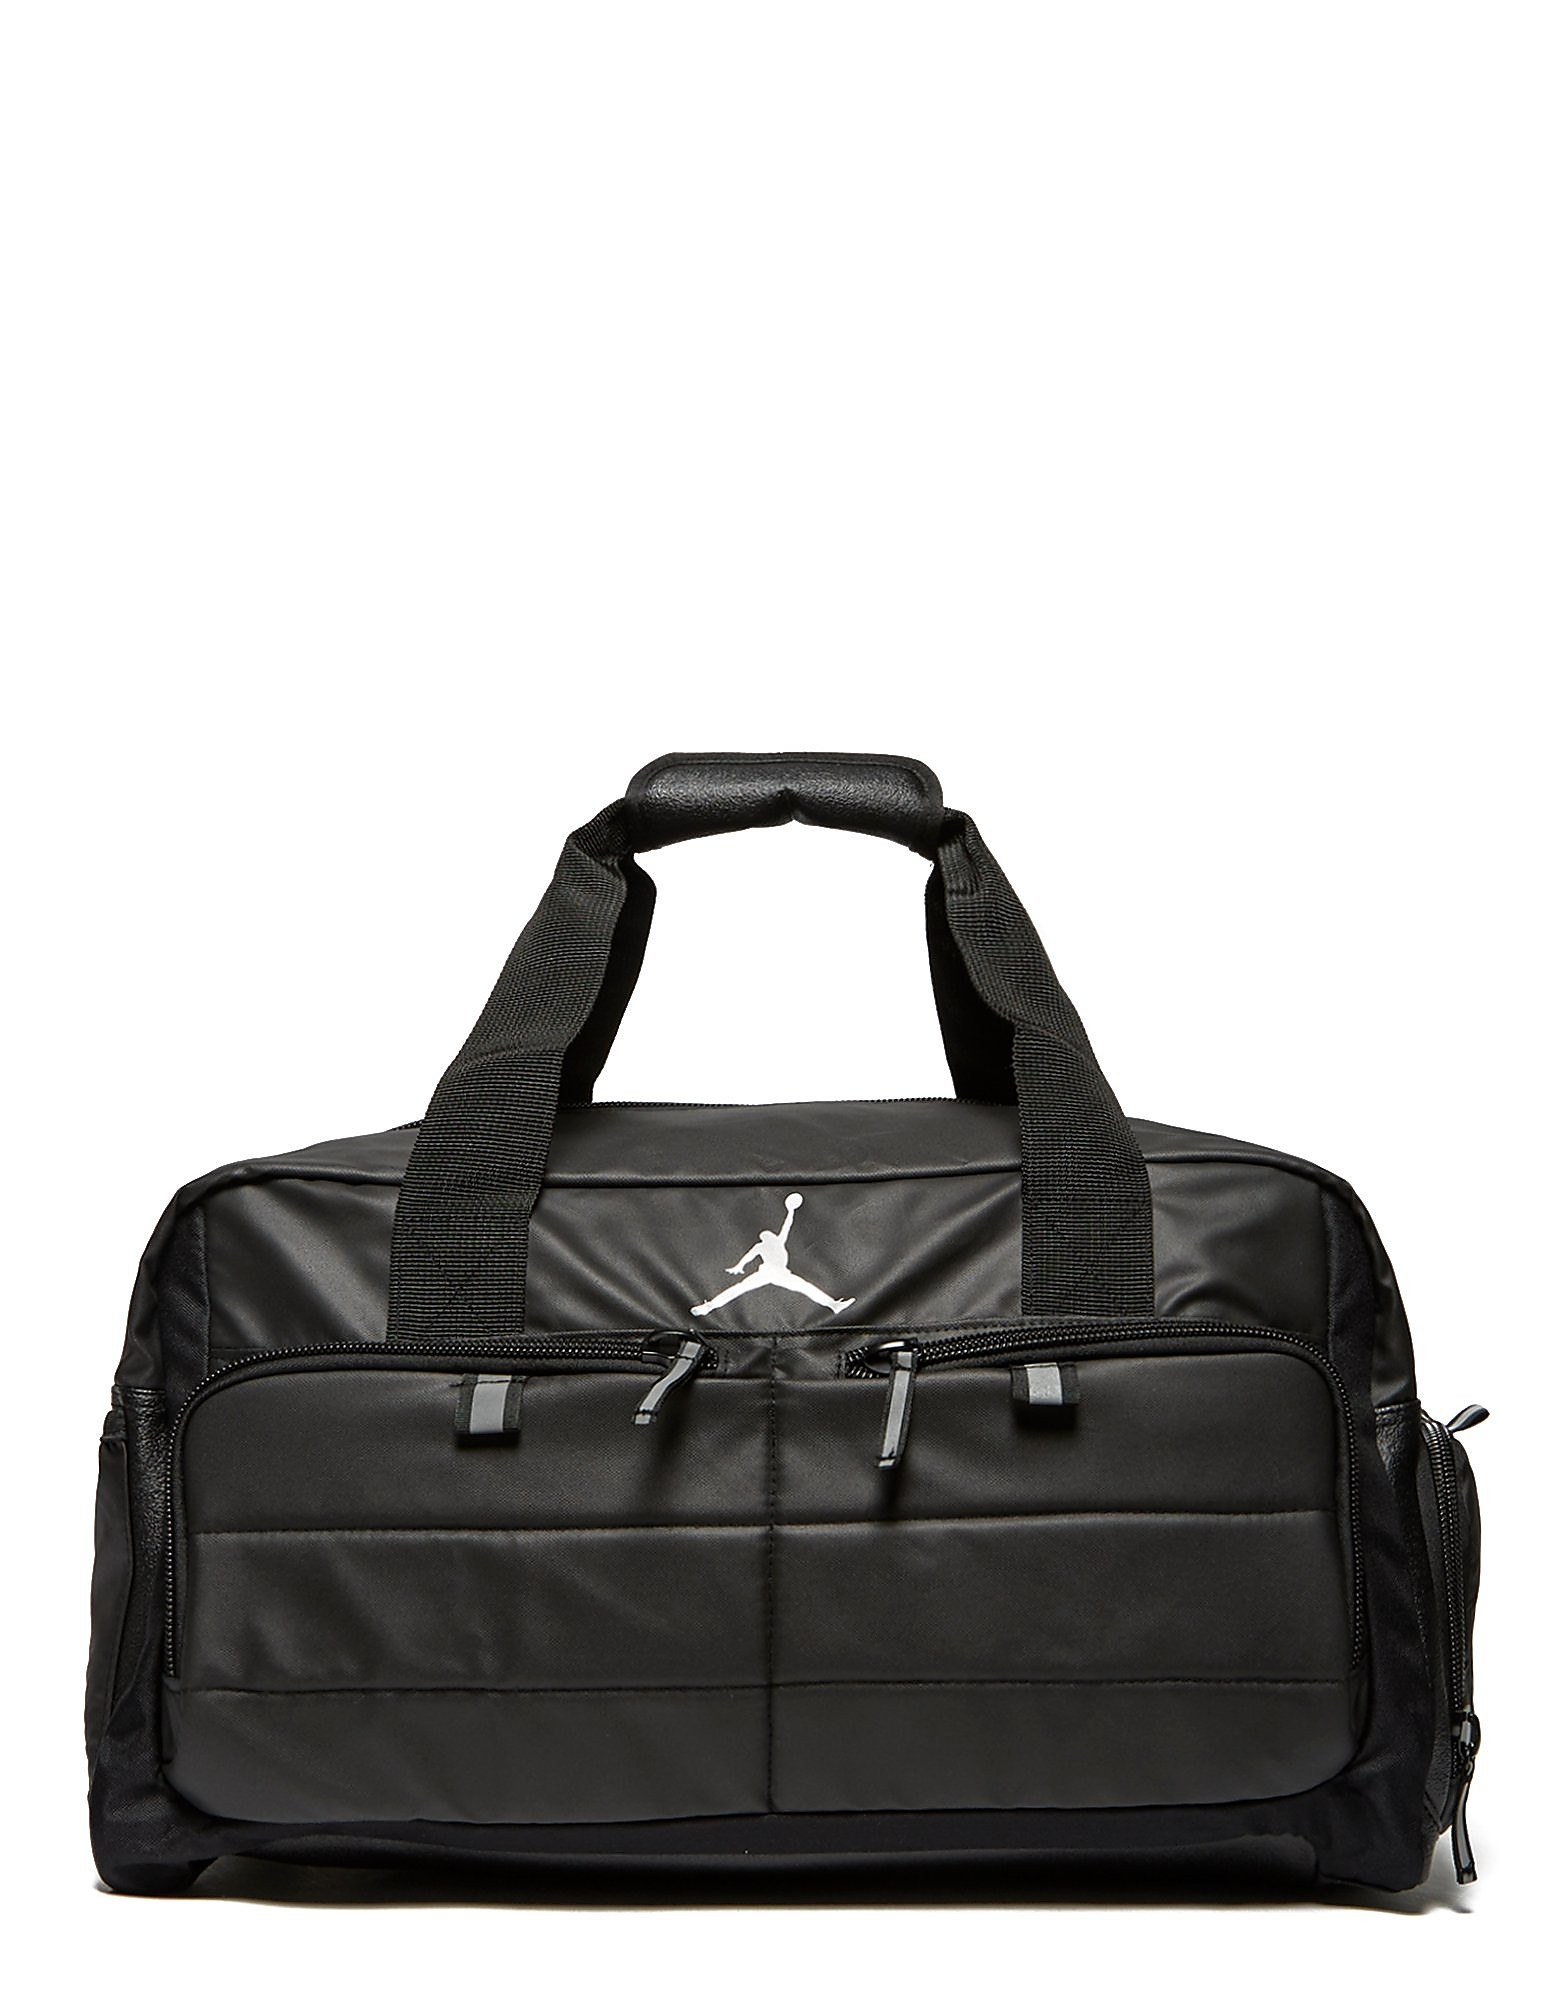 Jordan All Weather Duffle Bag